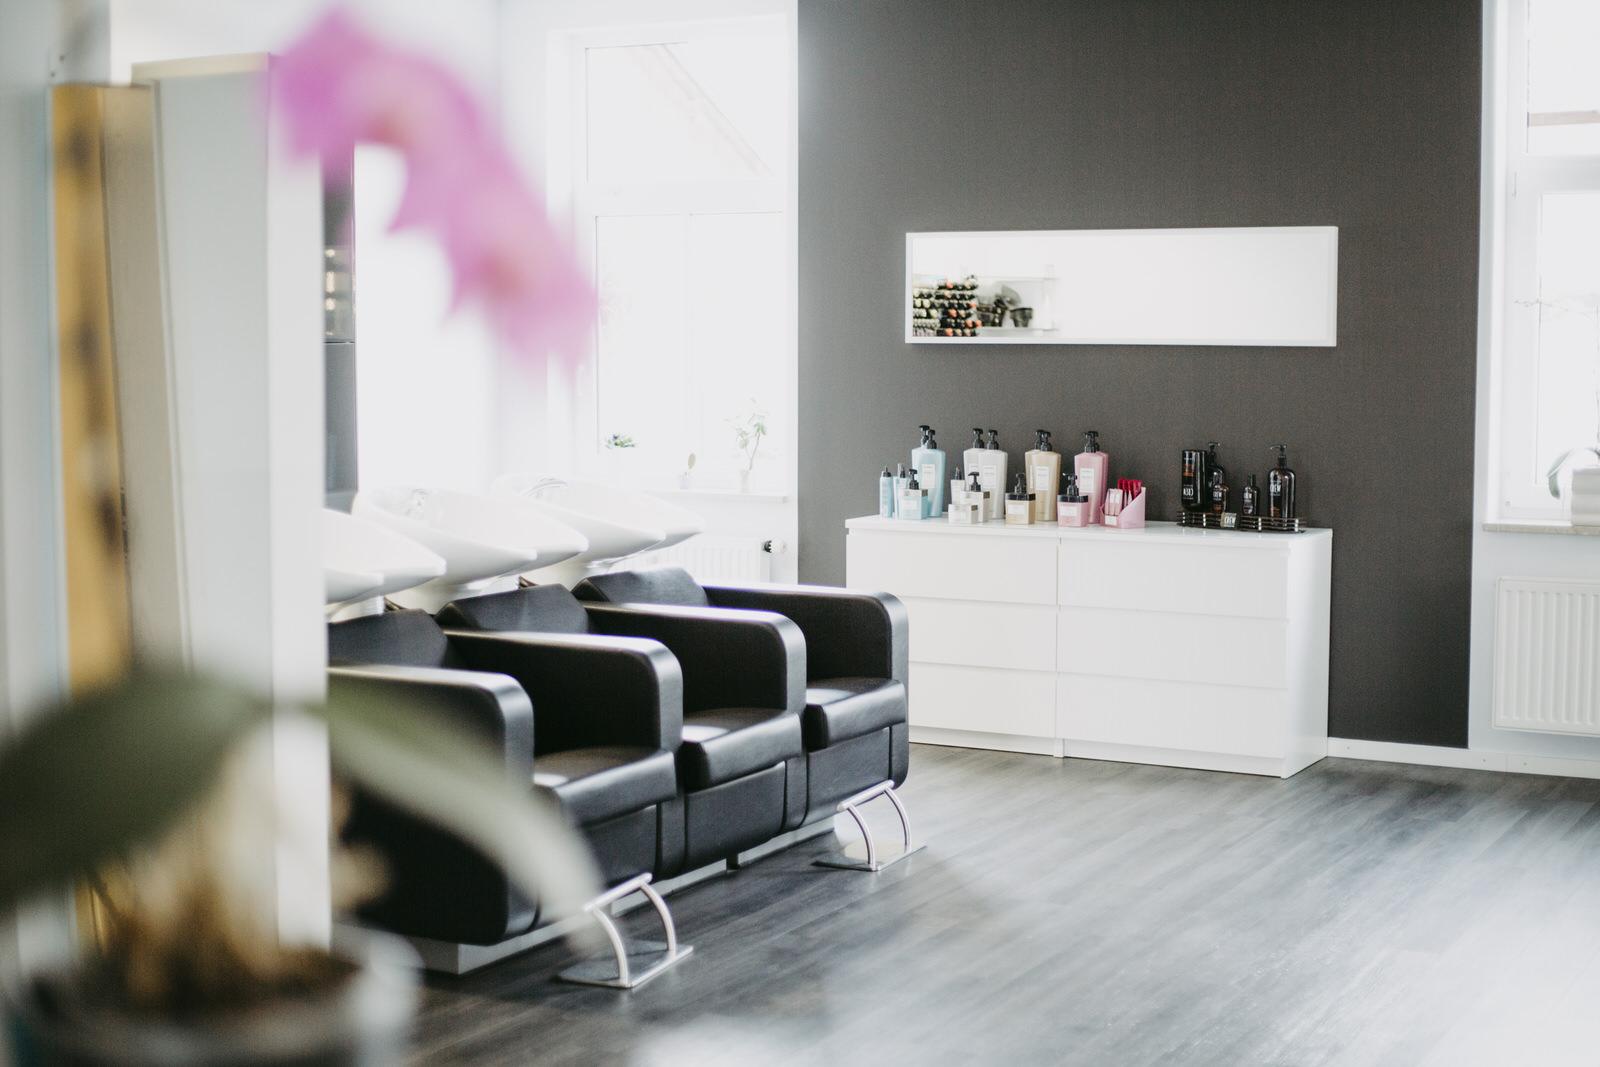 Bilder von unserem Salon